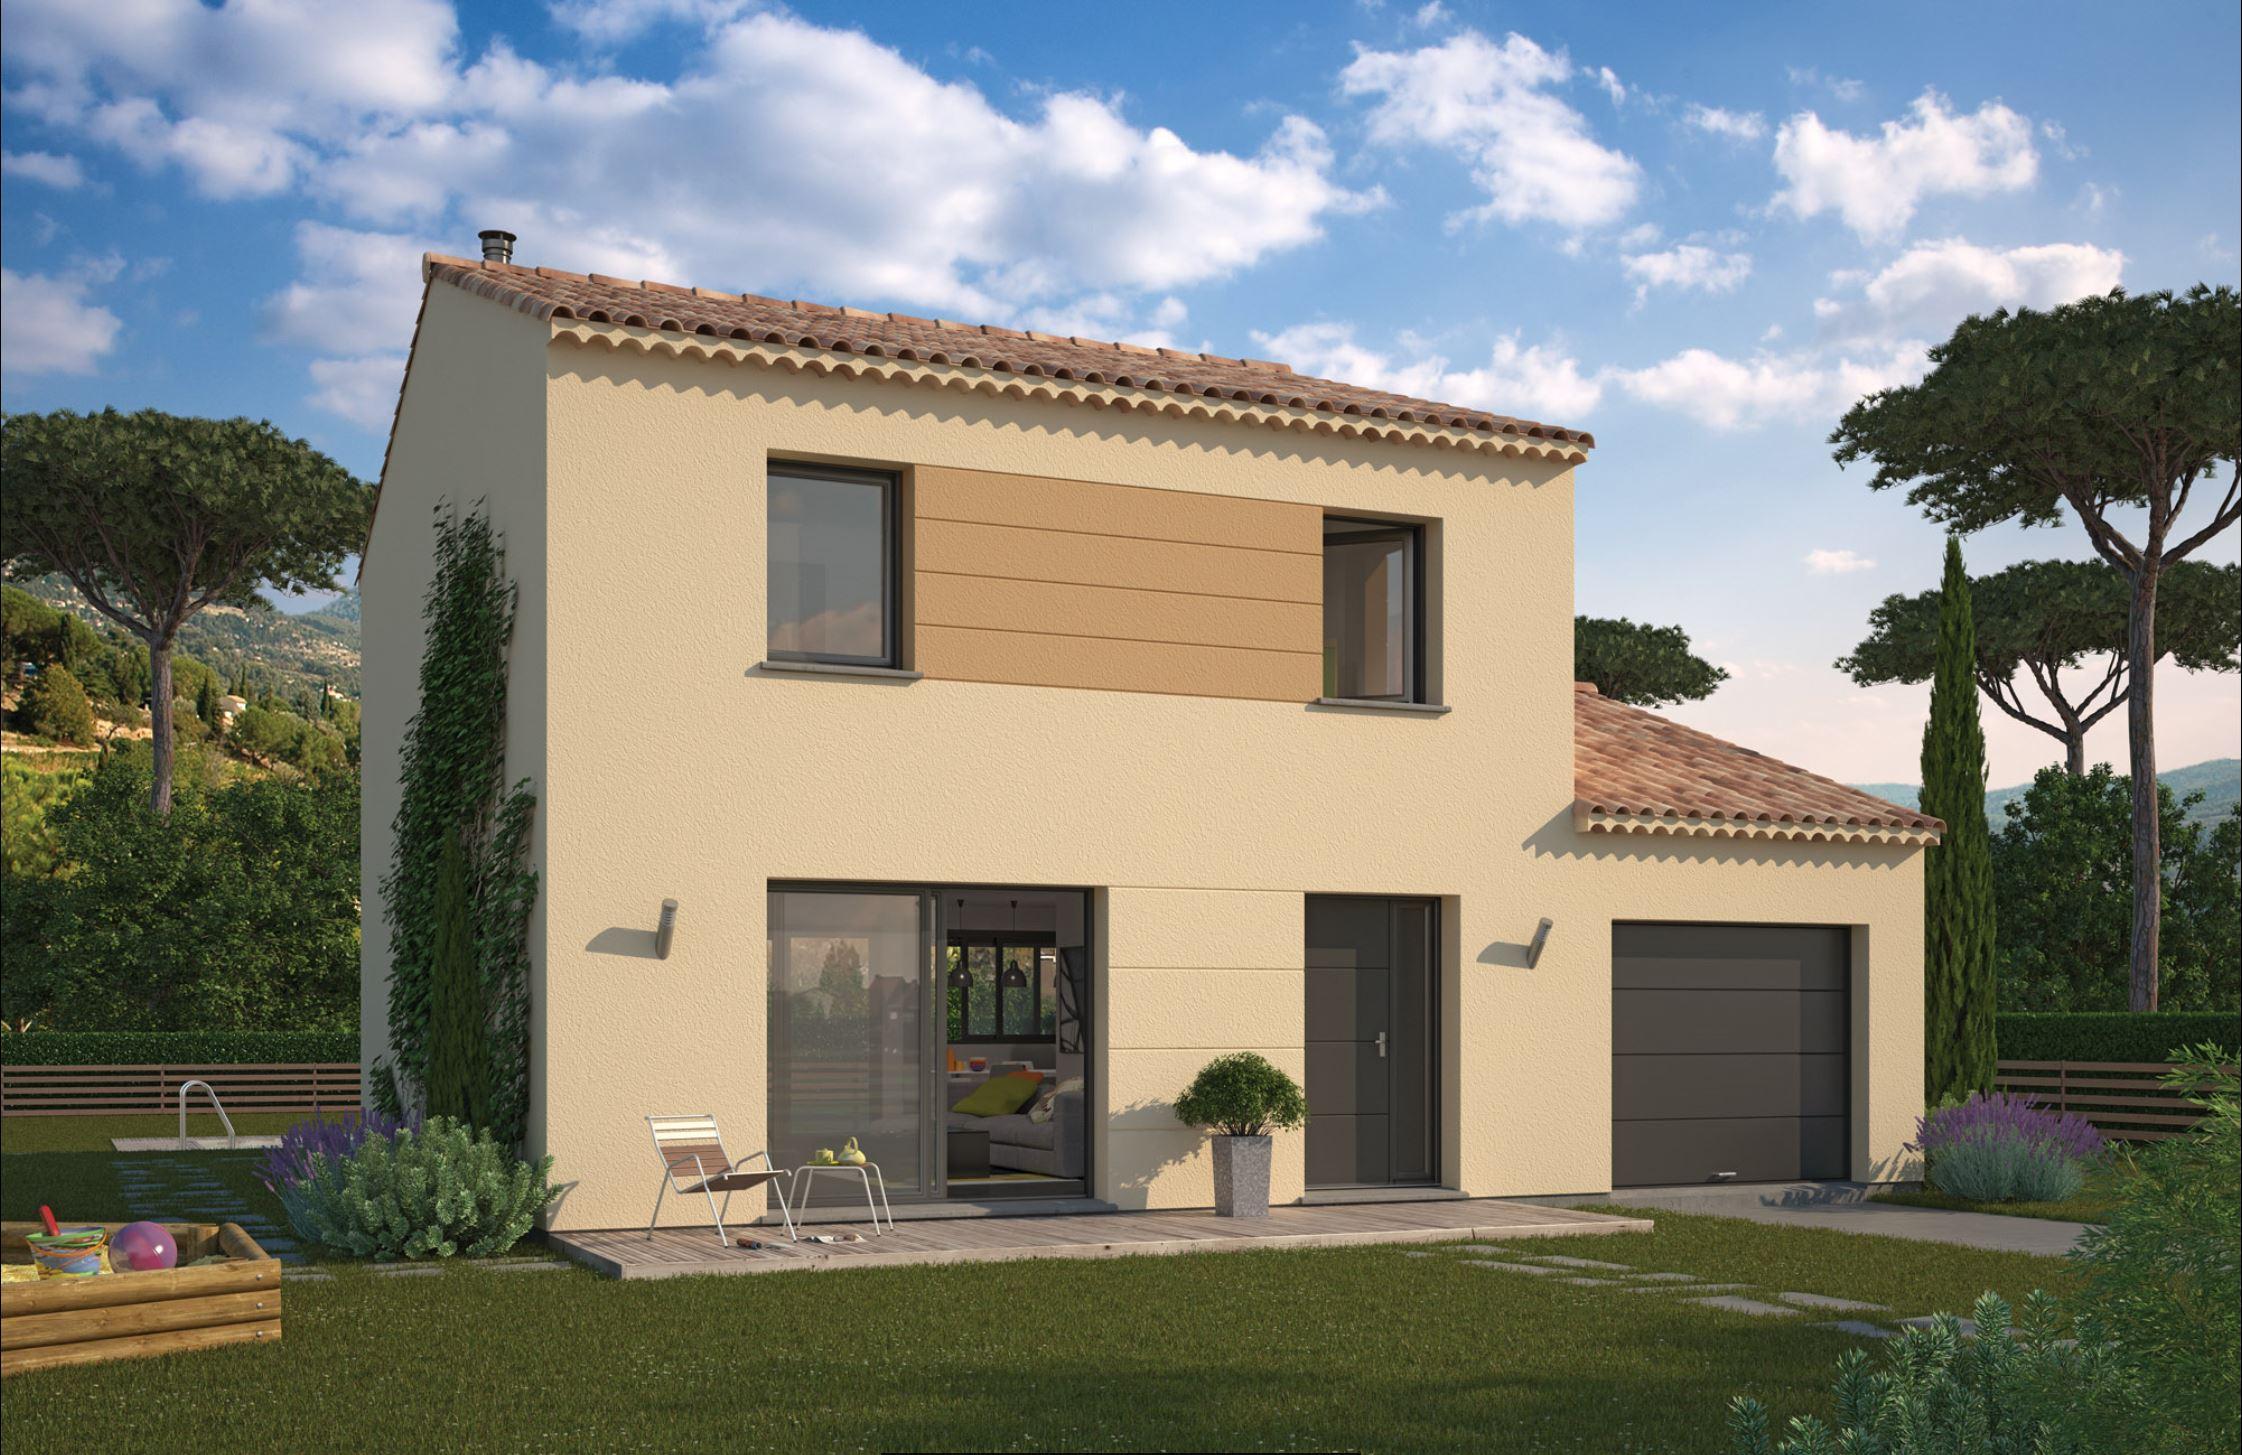 Maisons + Terrains du constructeur Maison Familiale Toulouse • 109 m² • CEPET